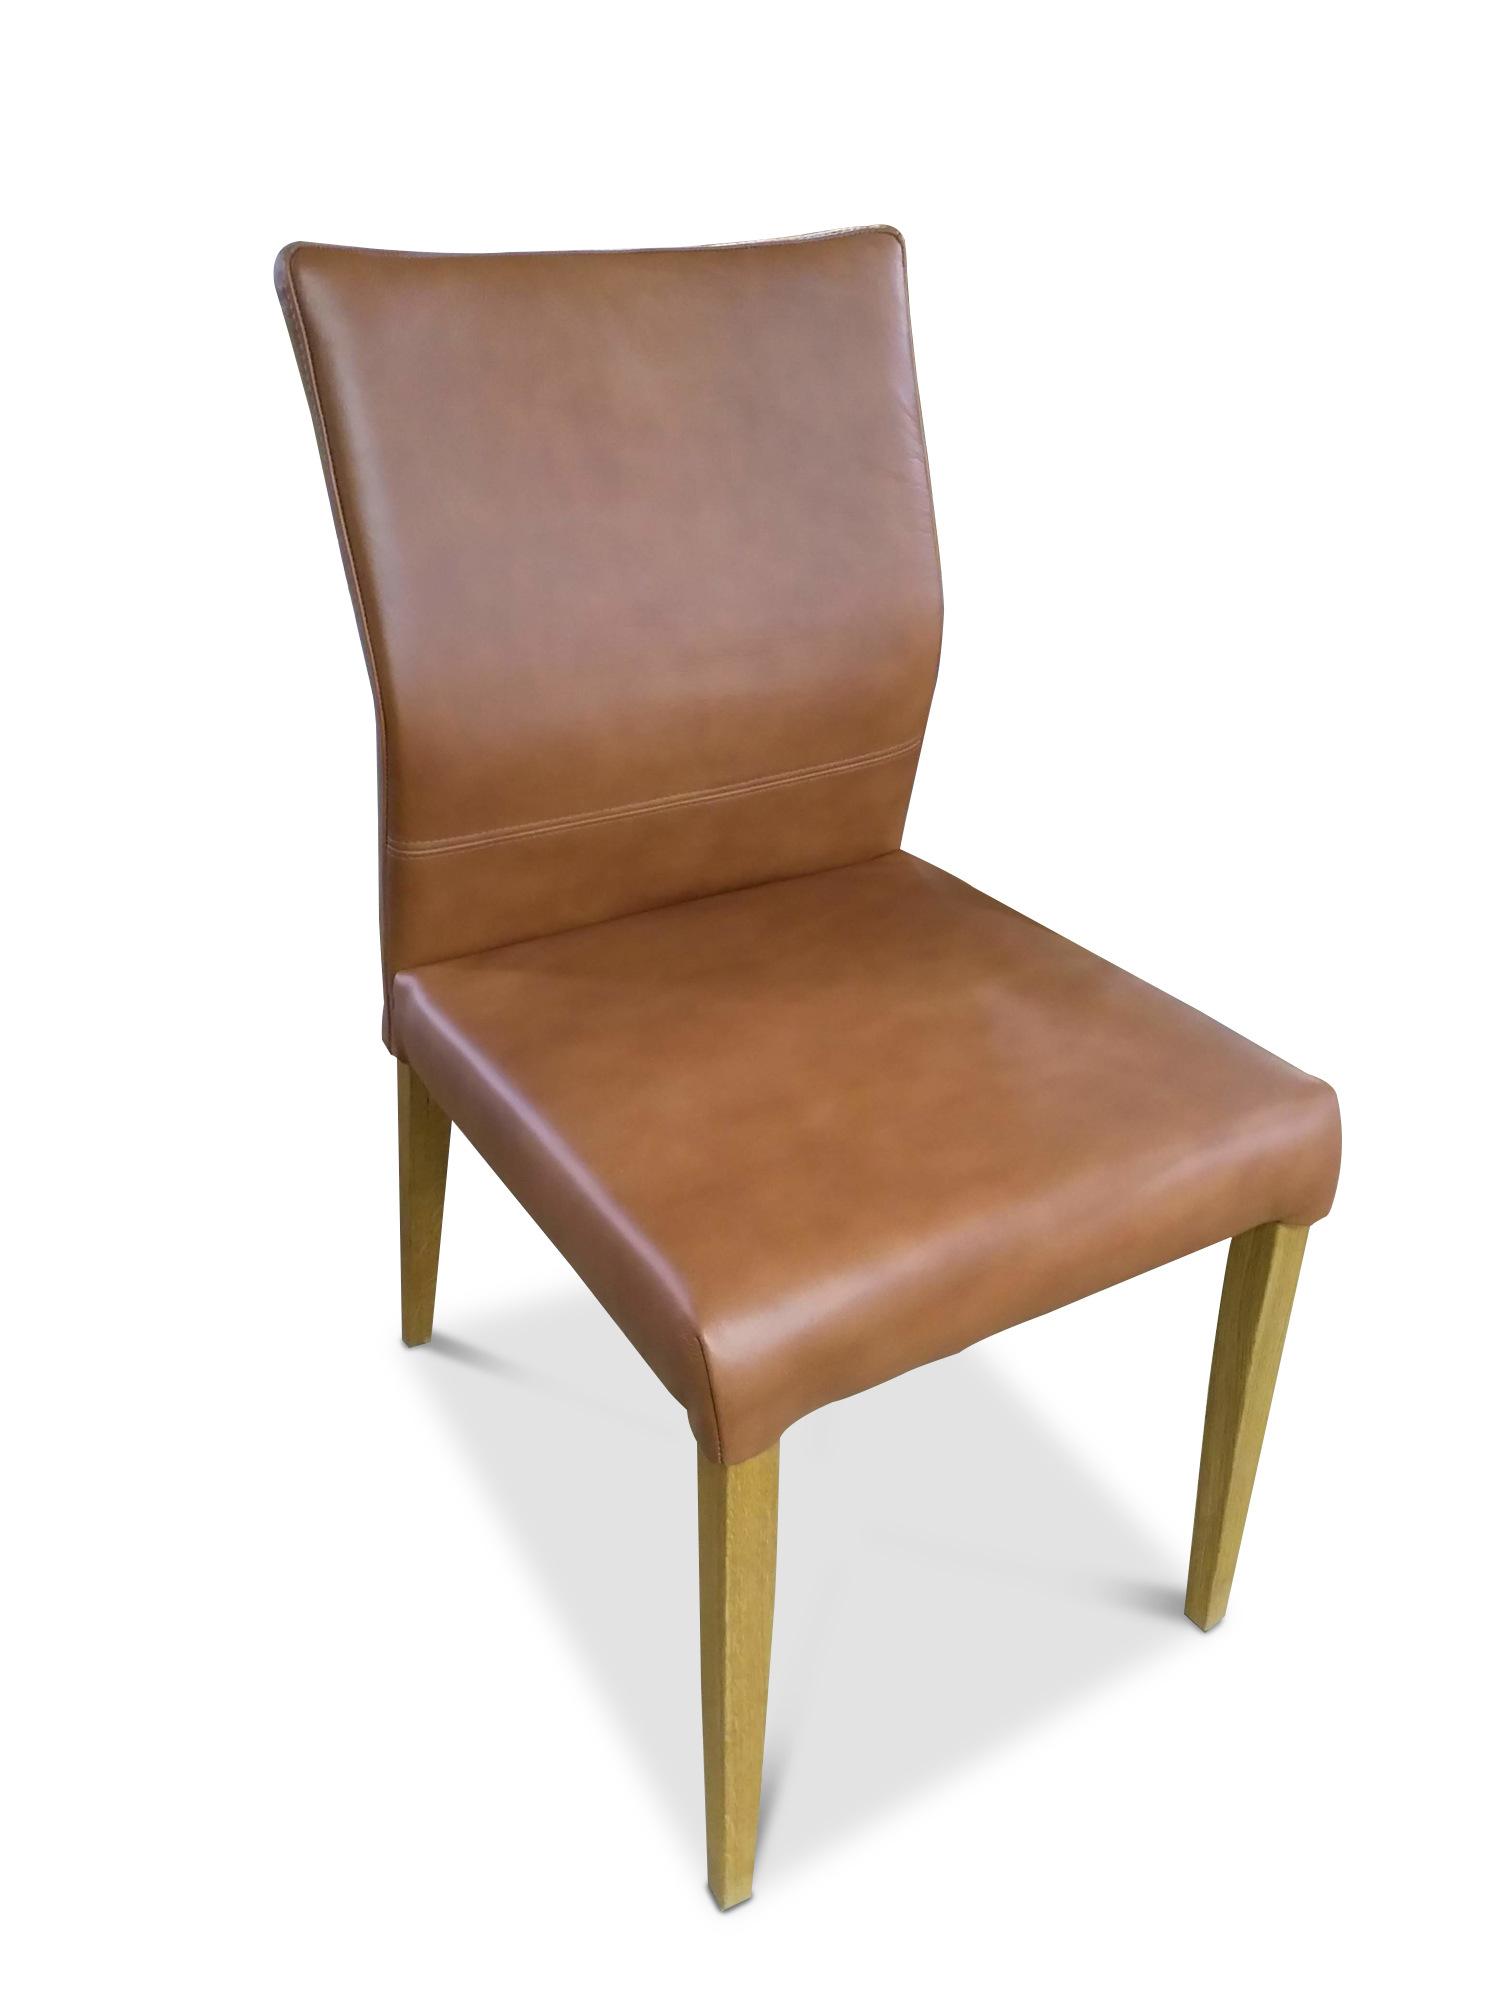 stuhl leder braun 4 stk solovivo. Black Bedroom Furniture Sets. Home Design Ideas